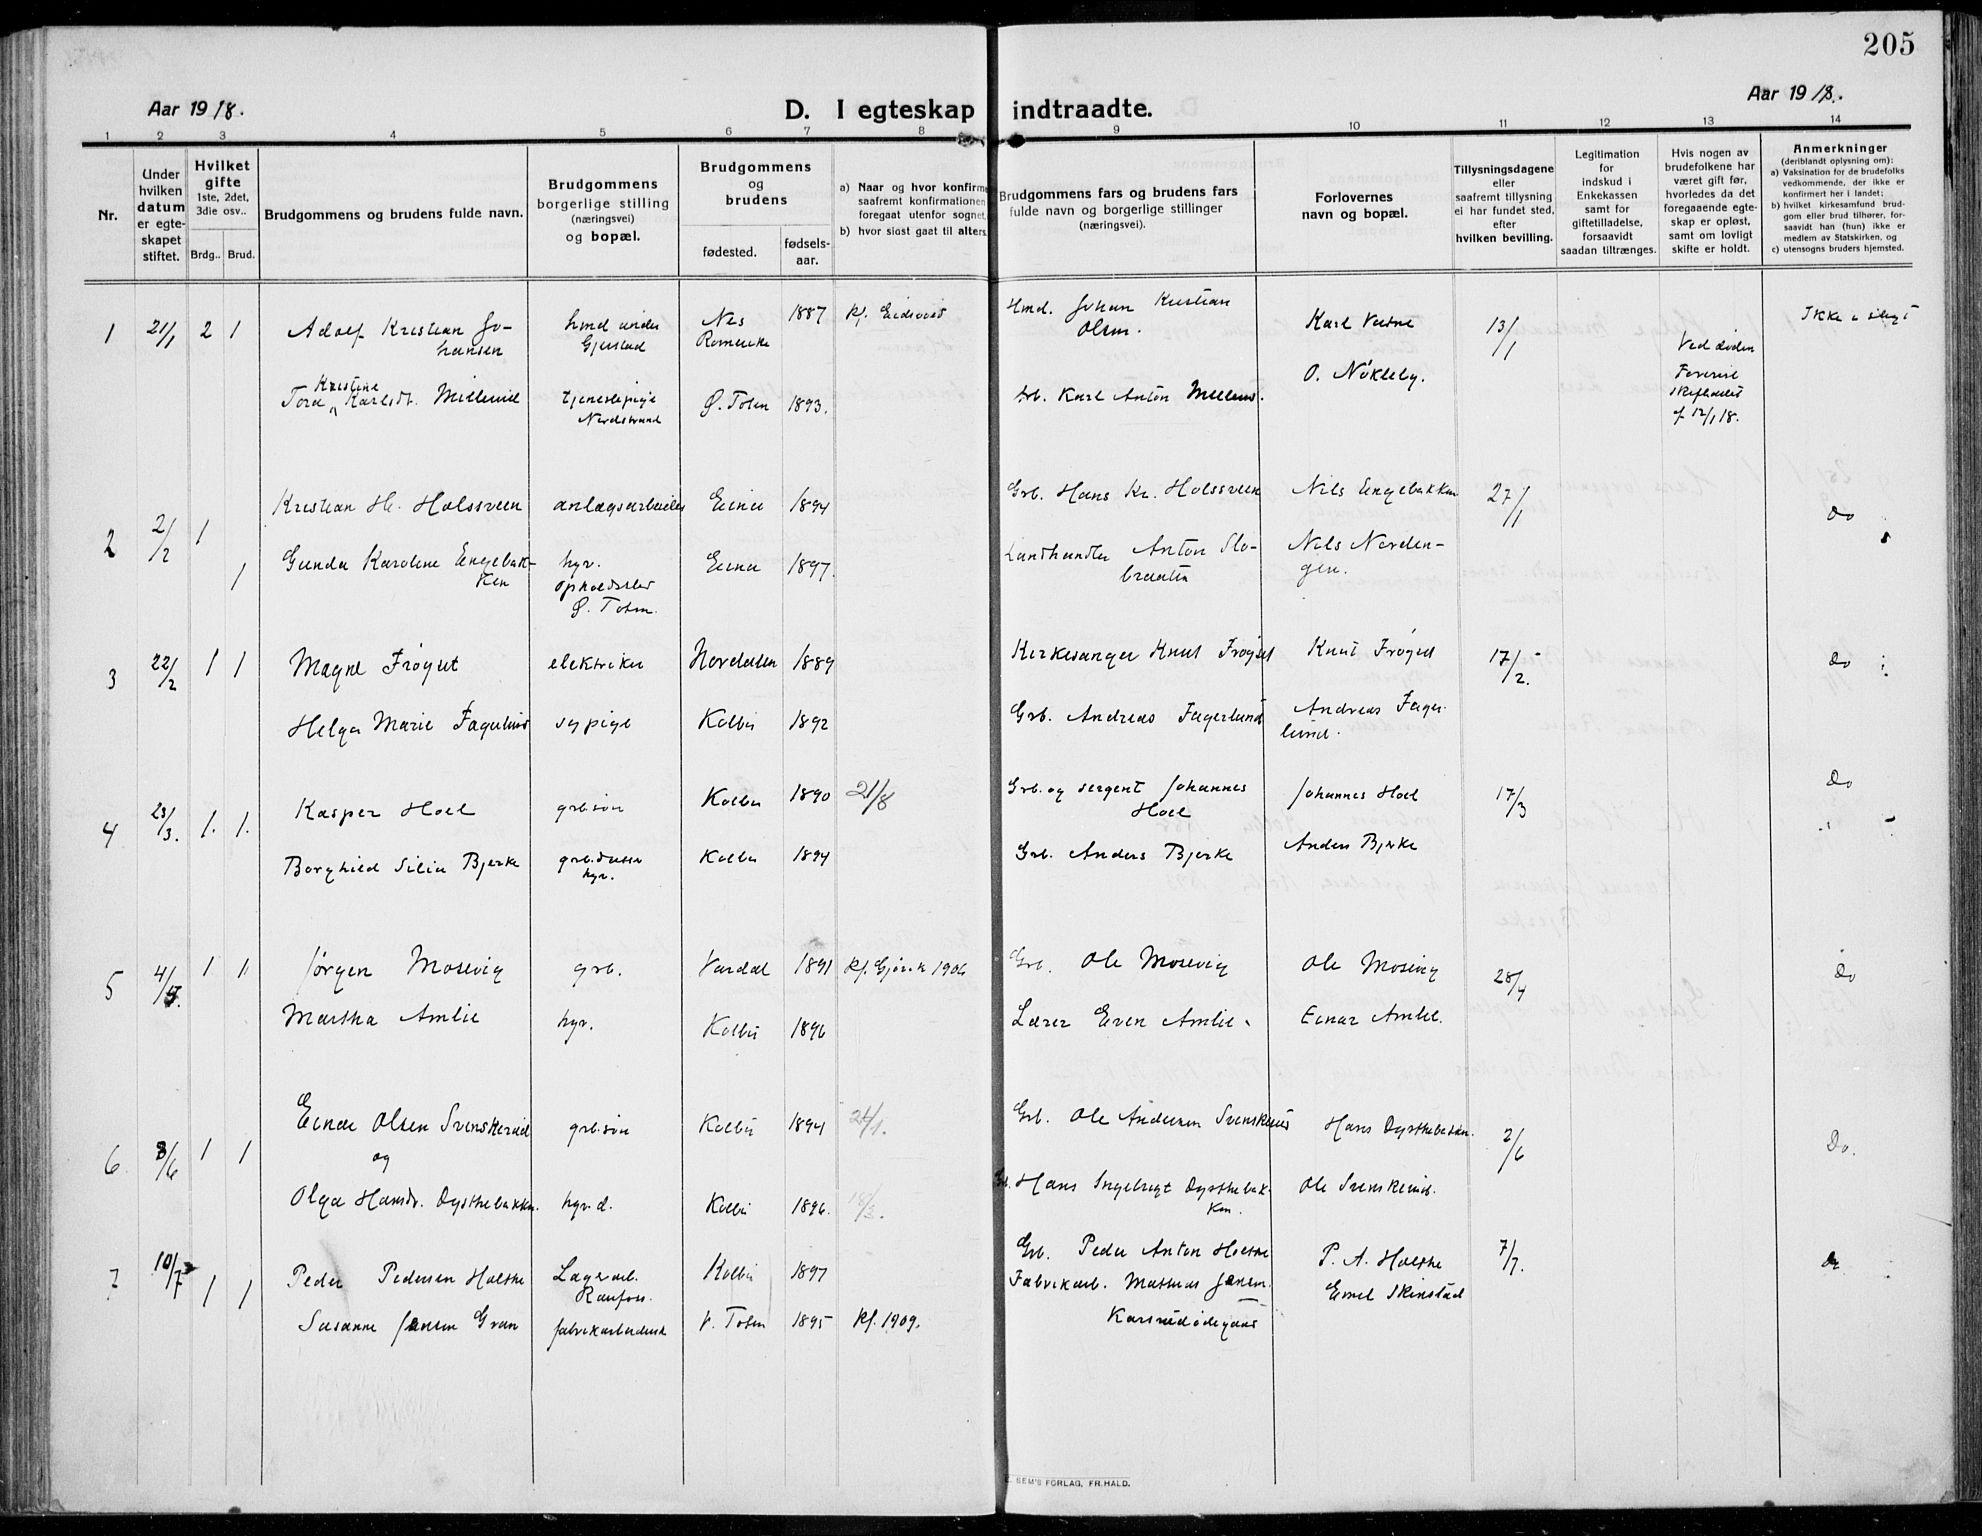 SAH, Kolbu prestekontor, Ministerialbok nr. 2, 1912-1926, s. 205